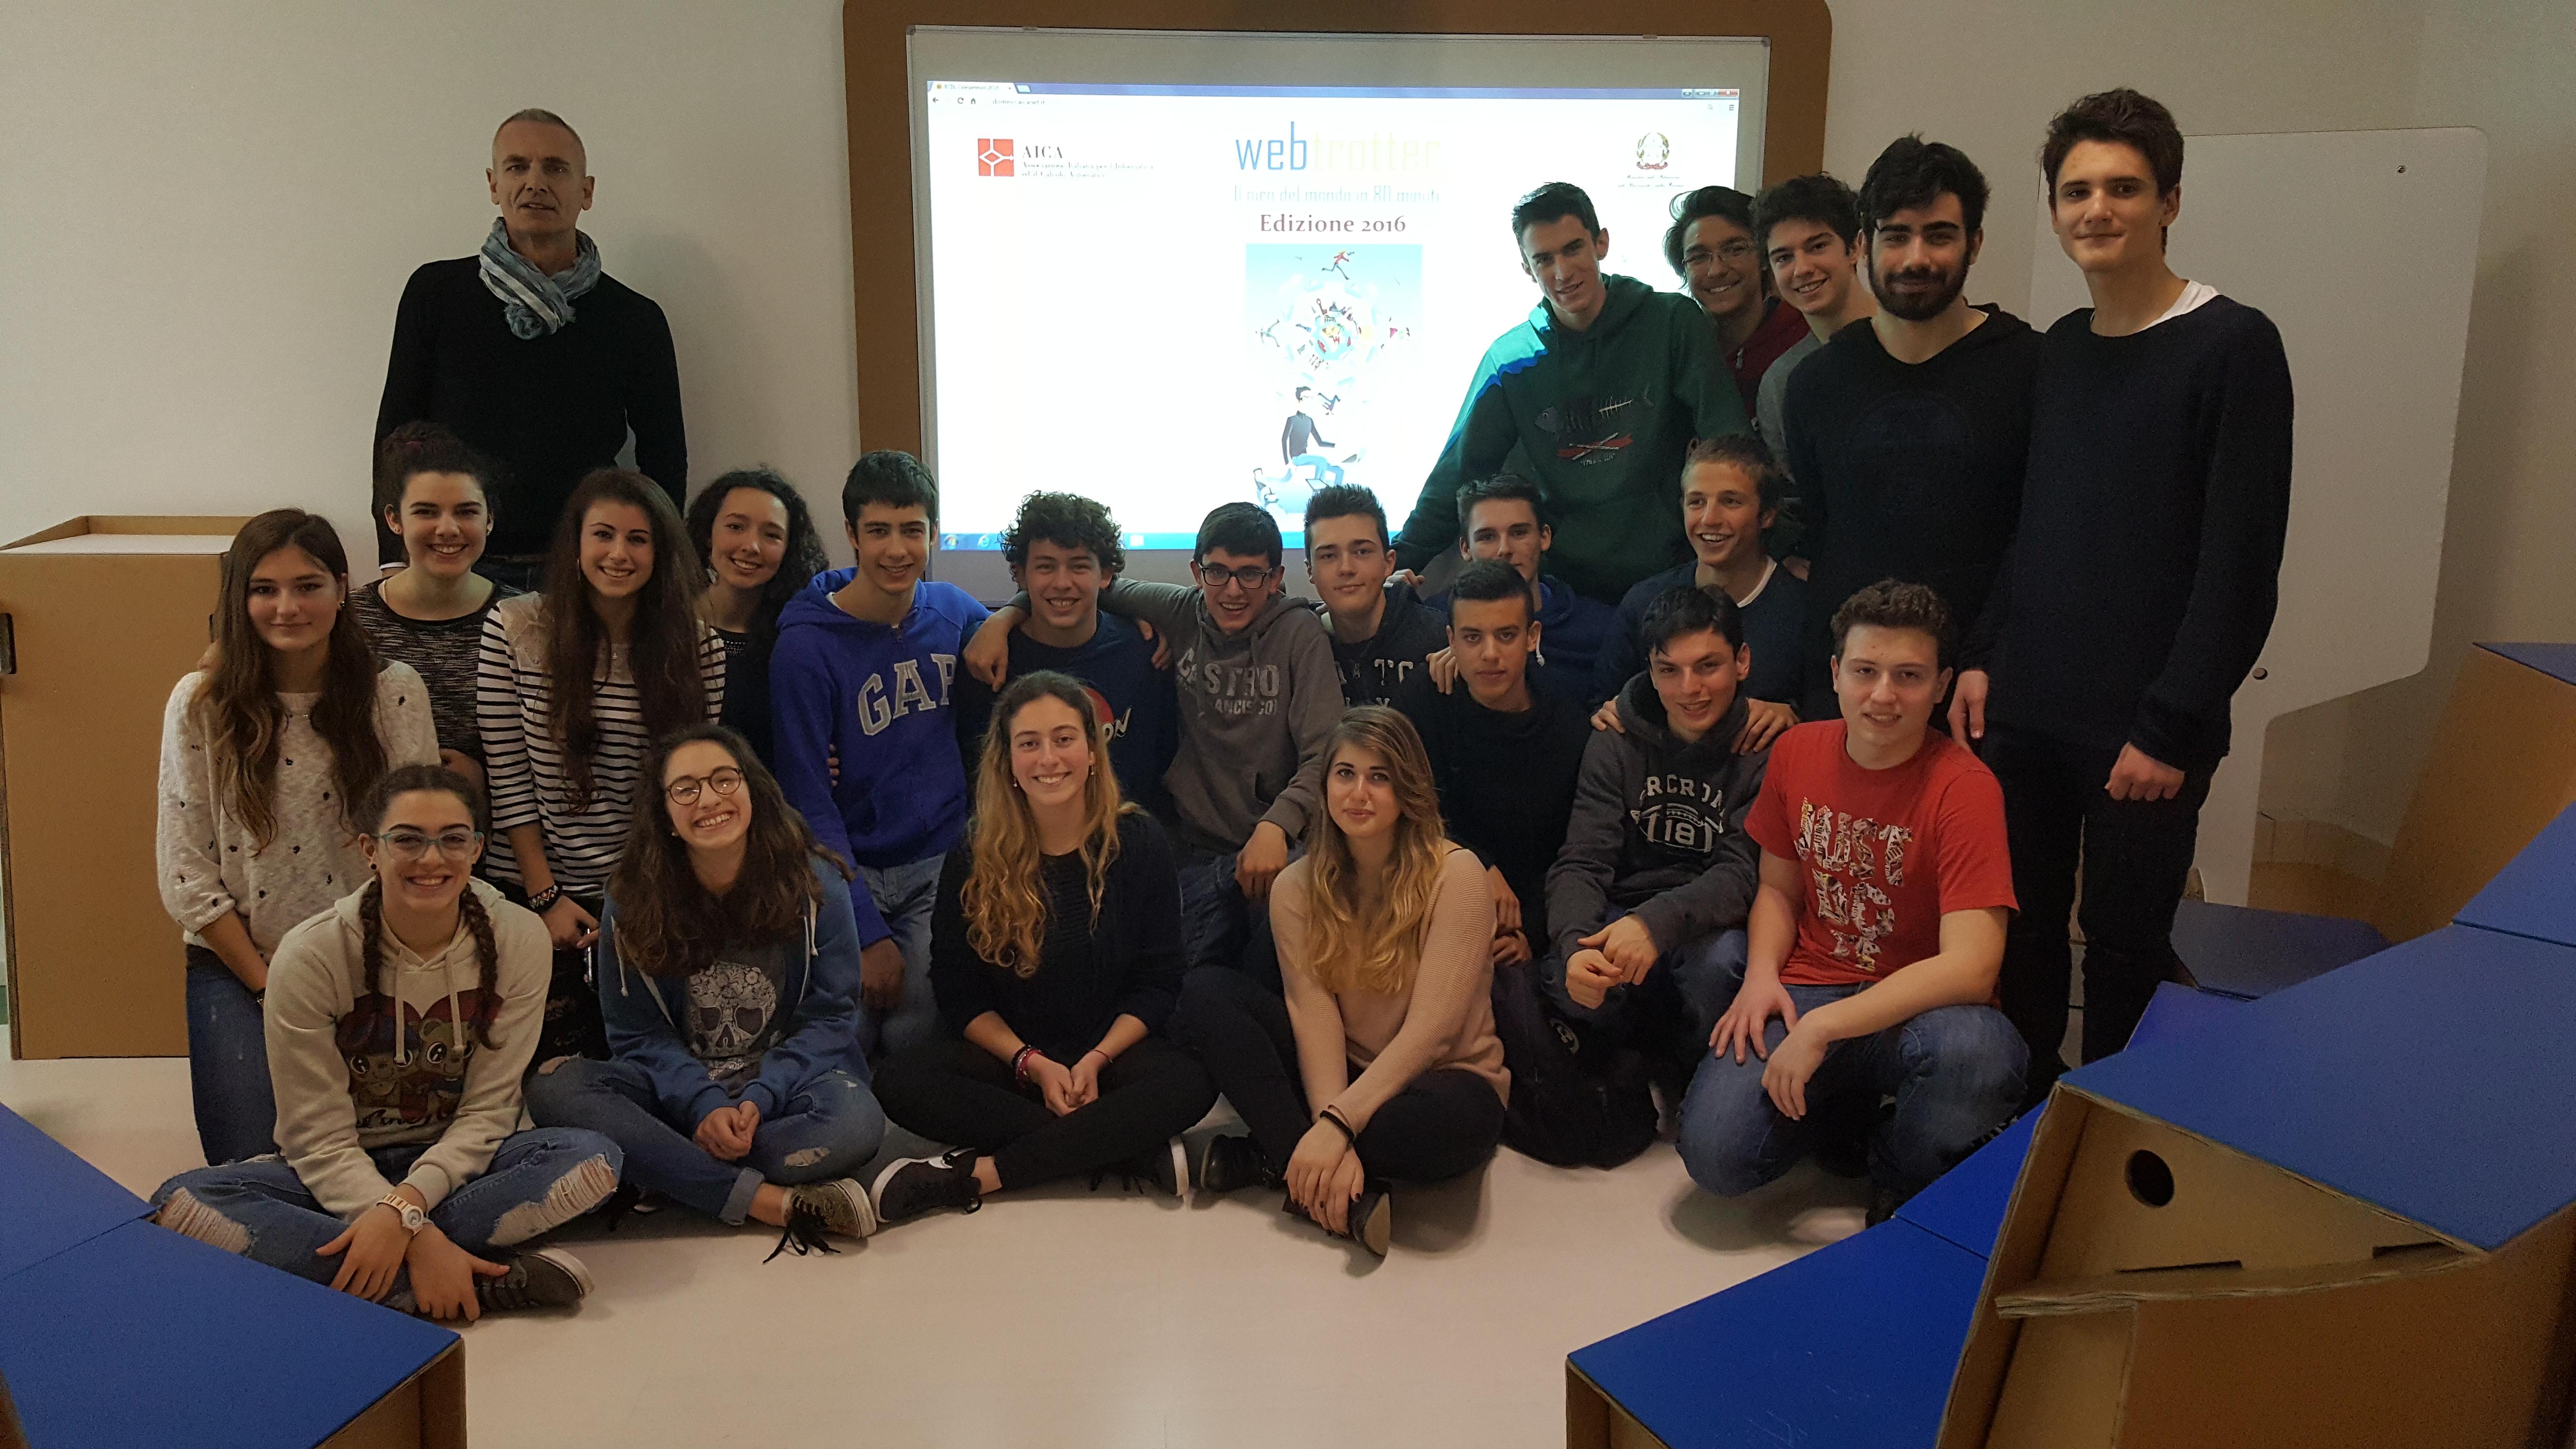 Concorso WebTrotter. Ancora uno straordinario risultato per il Liceo Savoia!